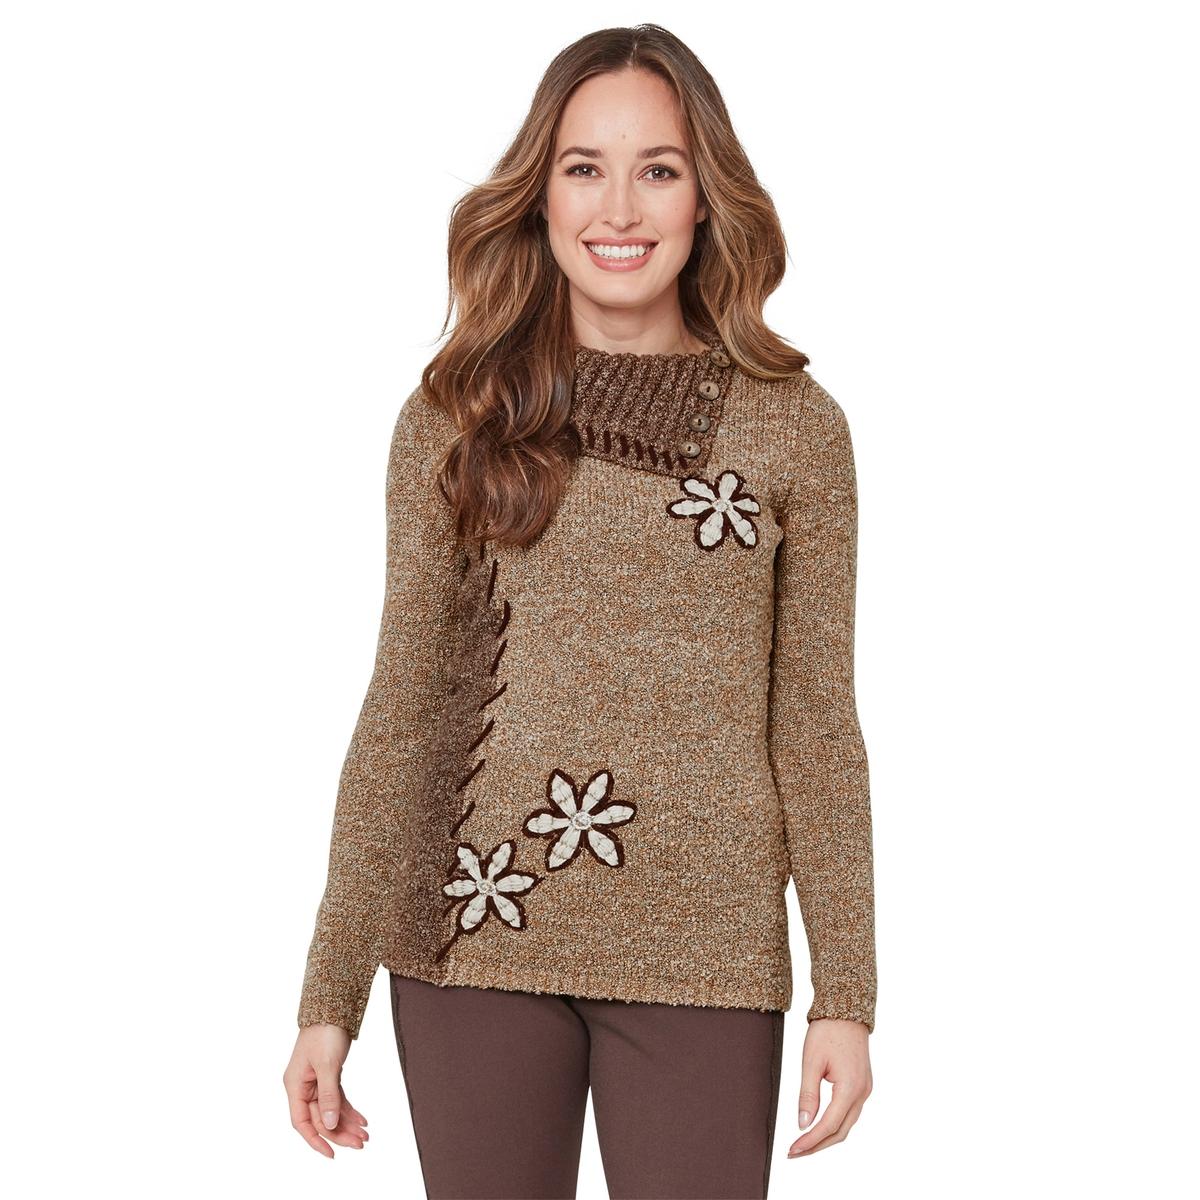 Пуловер La Redoute С длинными рукавами цветочным рисунком и вырезом с застежкой на пуговицы 36 (FR) - 42 (RUS) бежевый